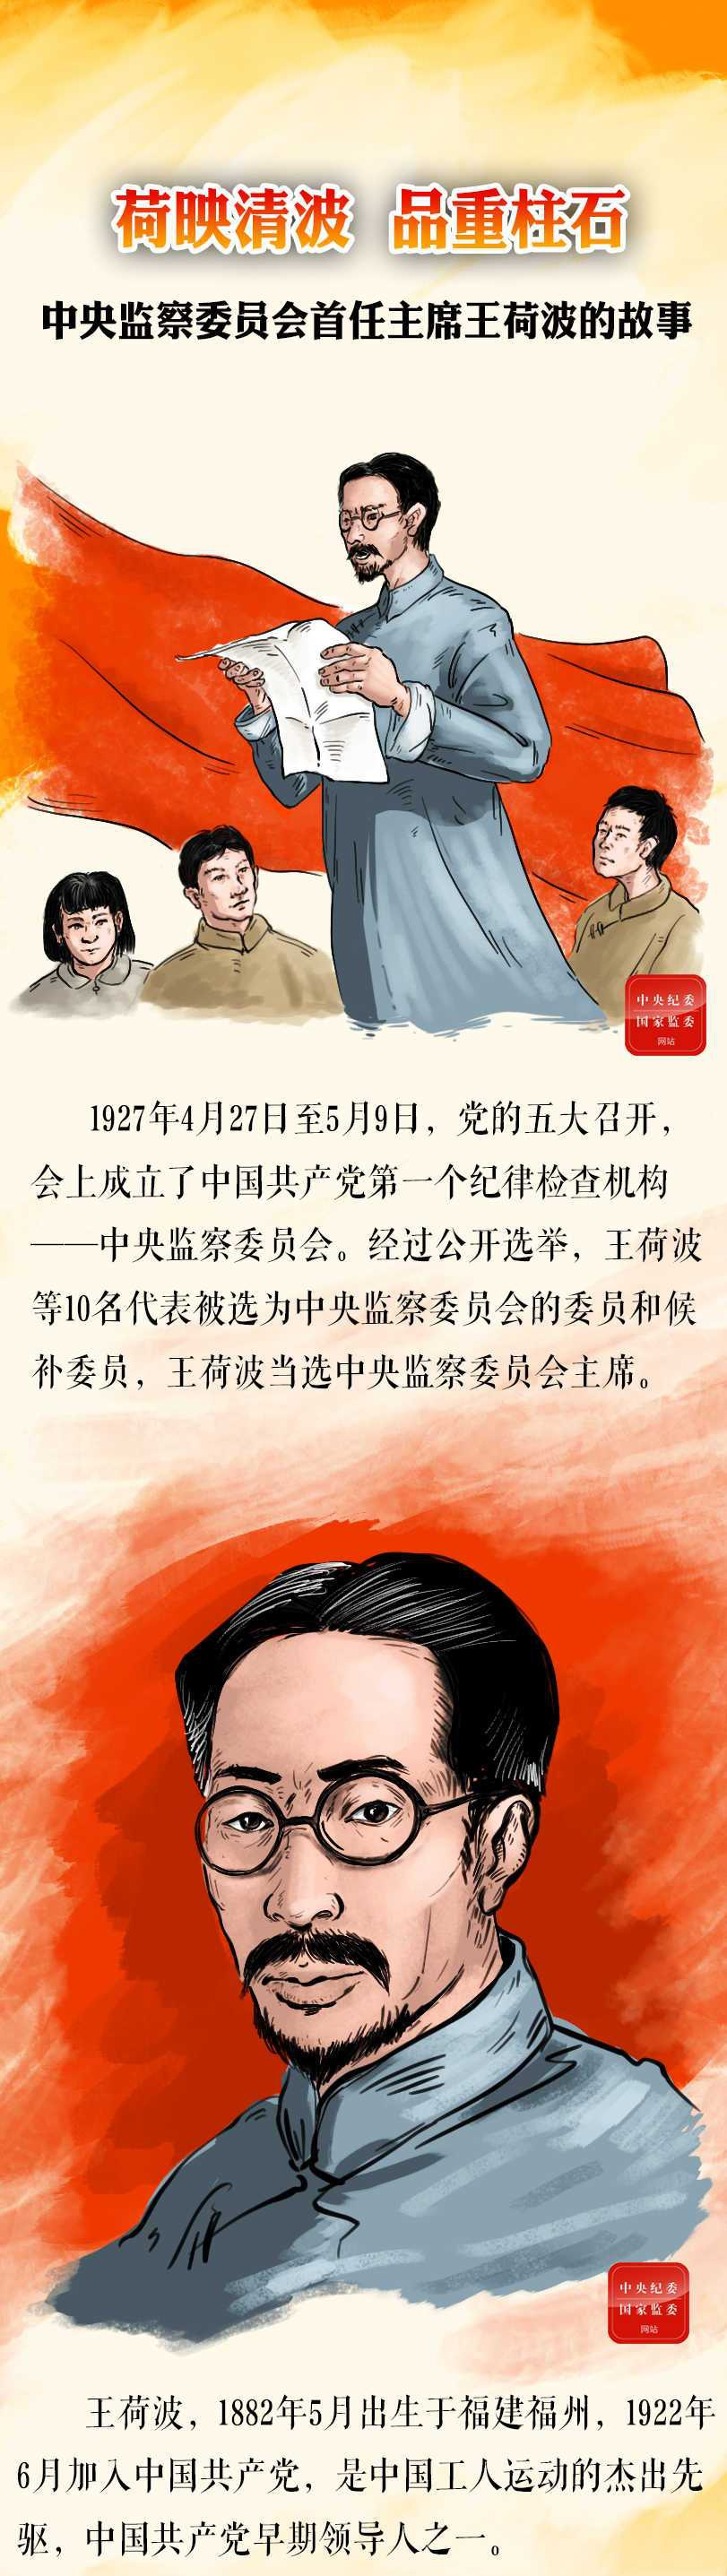 手绘故事 | 中央监察委员会首任主席王荷波图片